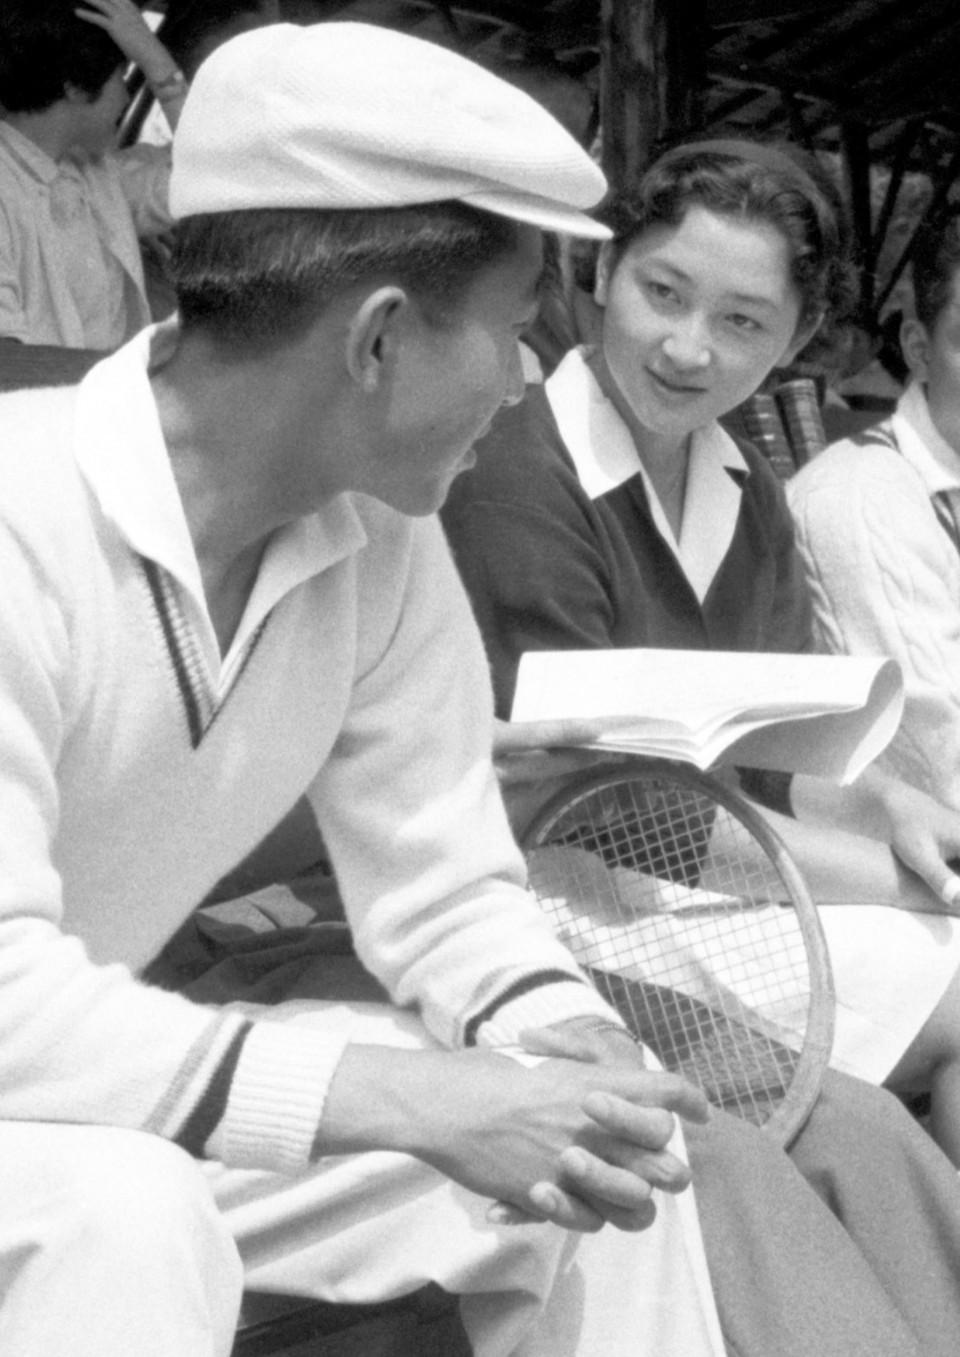 Chuyện tình lãng mạn 60 năm của Vua và Hoàng hậu Nhật Bản: Dù bao năm đi nữa vẫn vui vẻ chơi tennis cùng nhau - Ảnh 2.